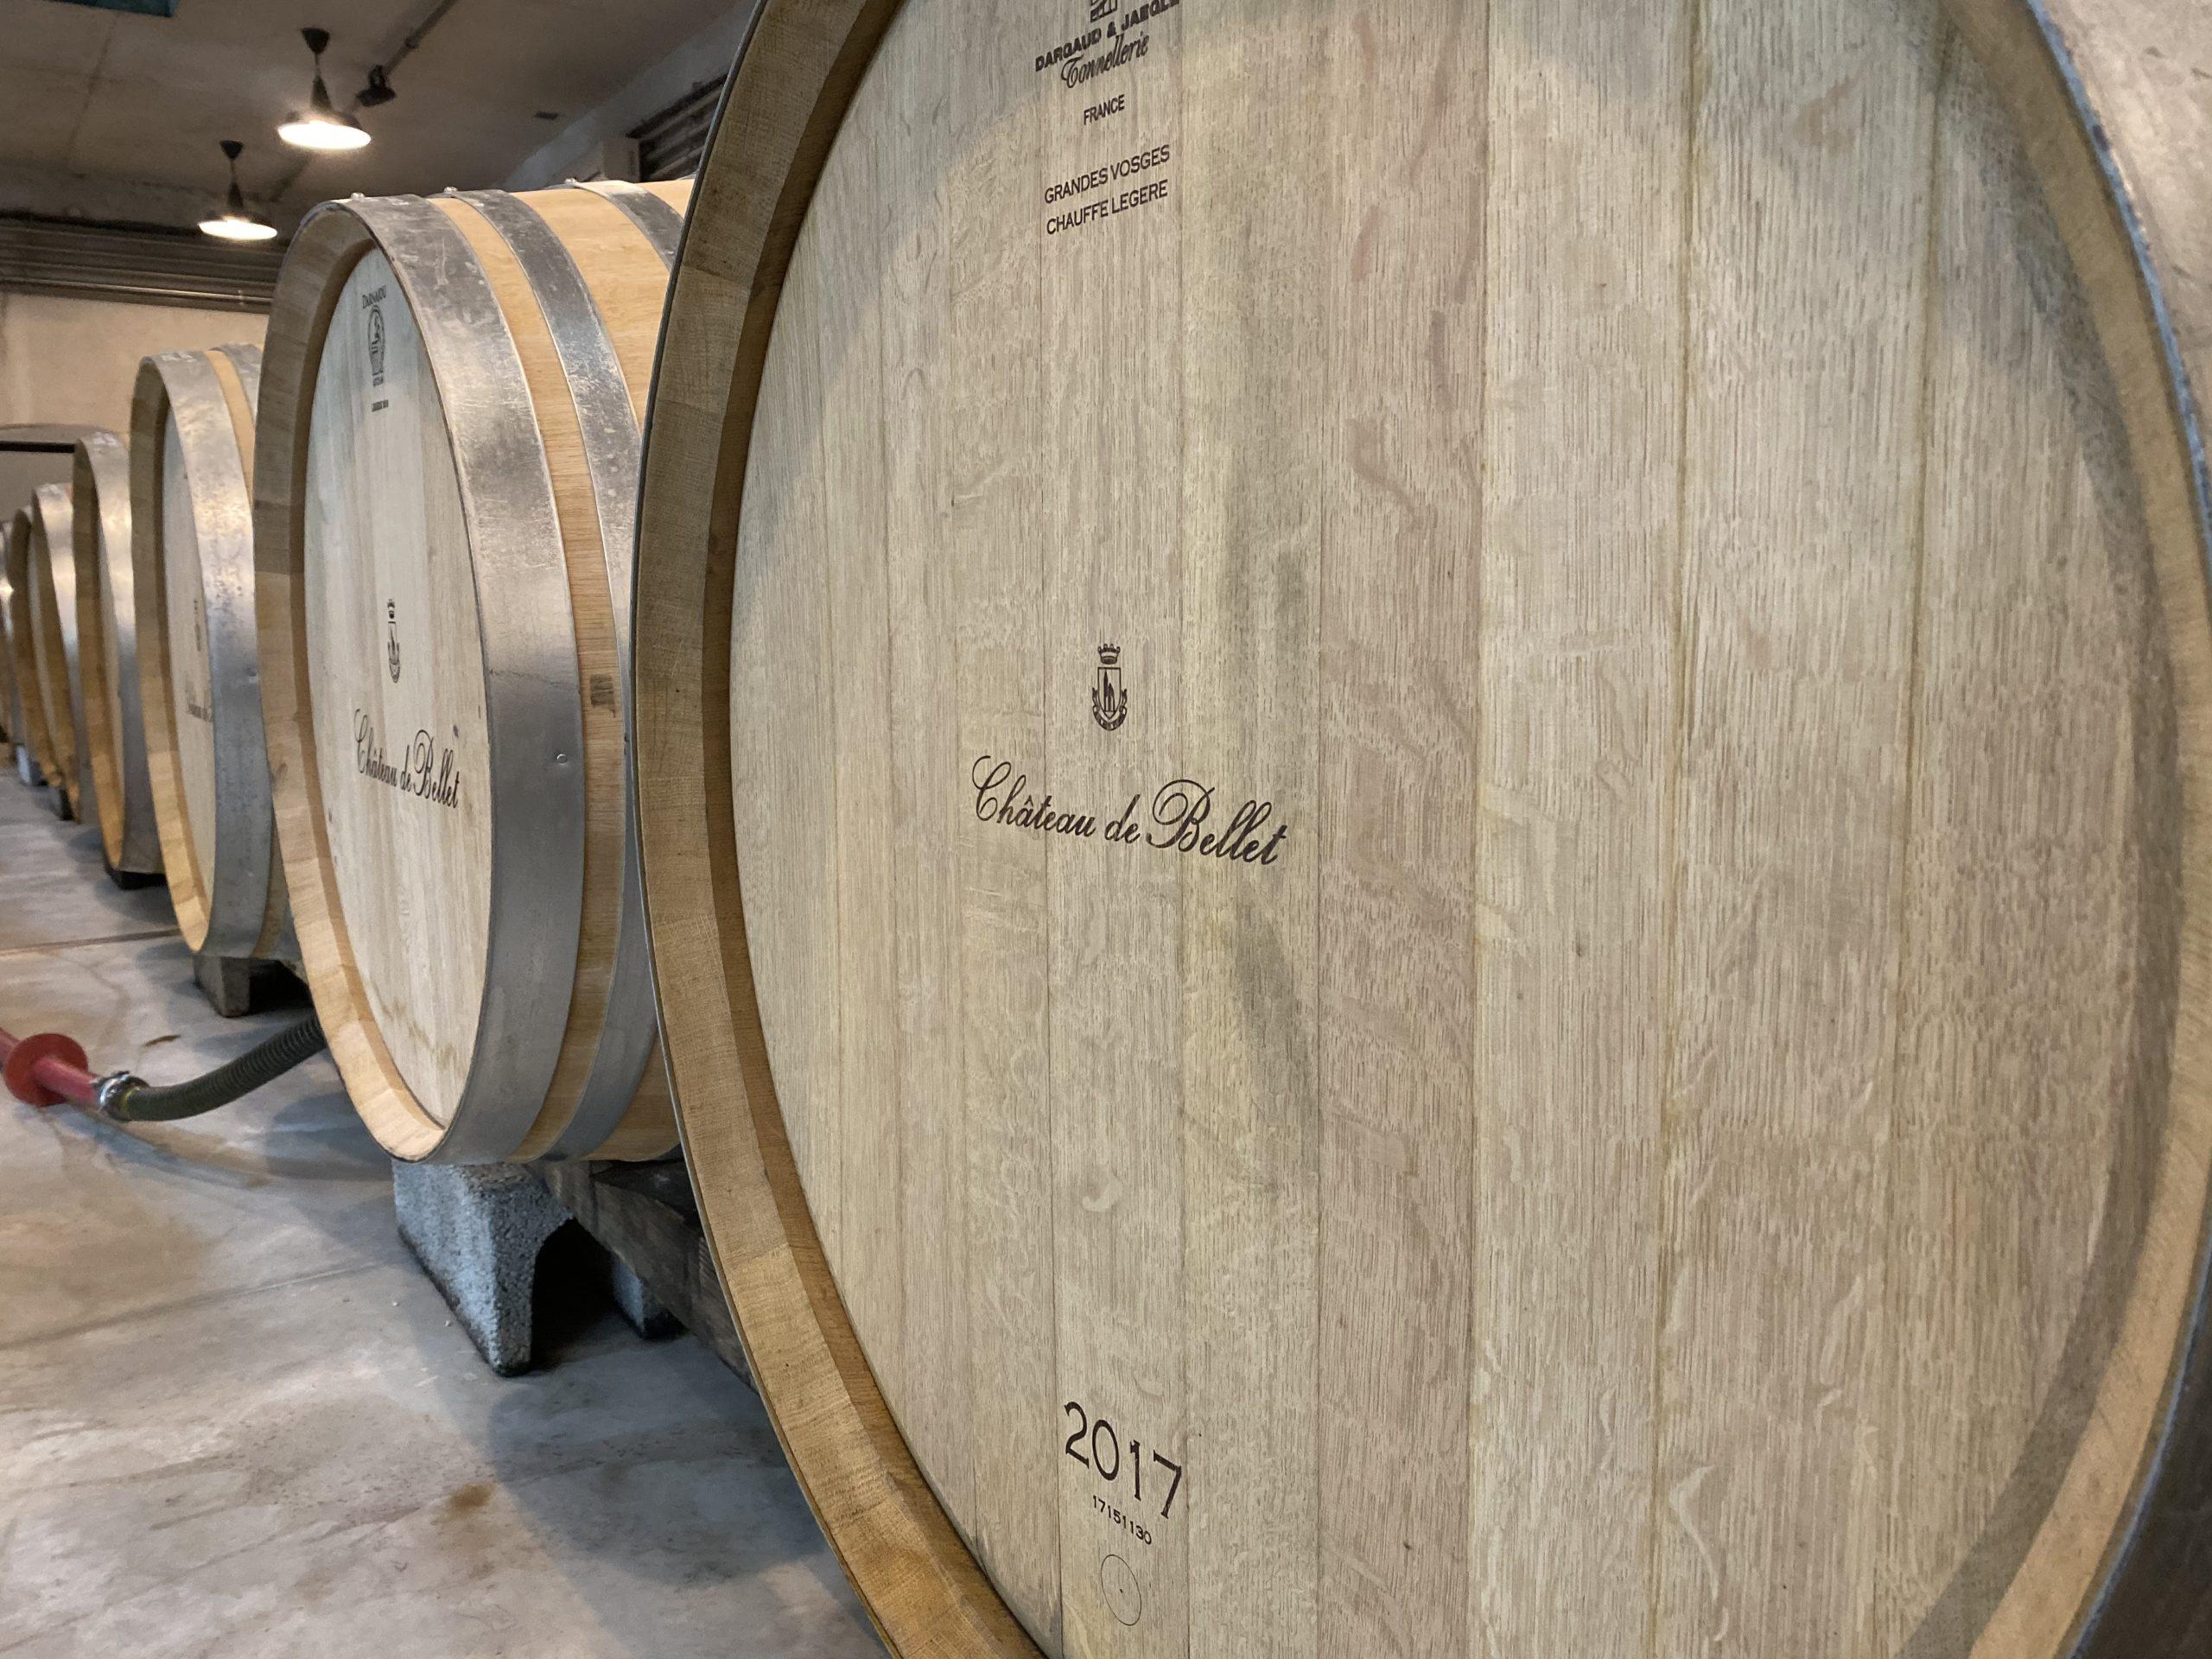 oak barrels in cellar